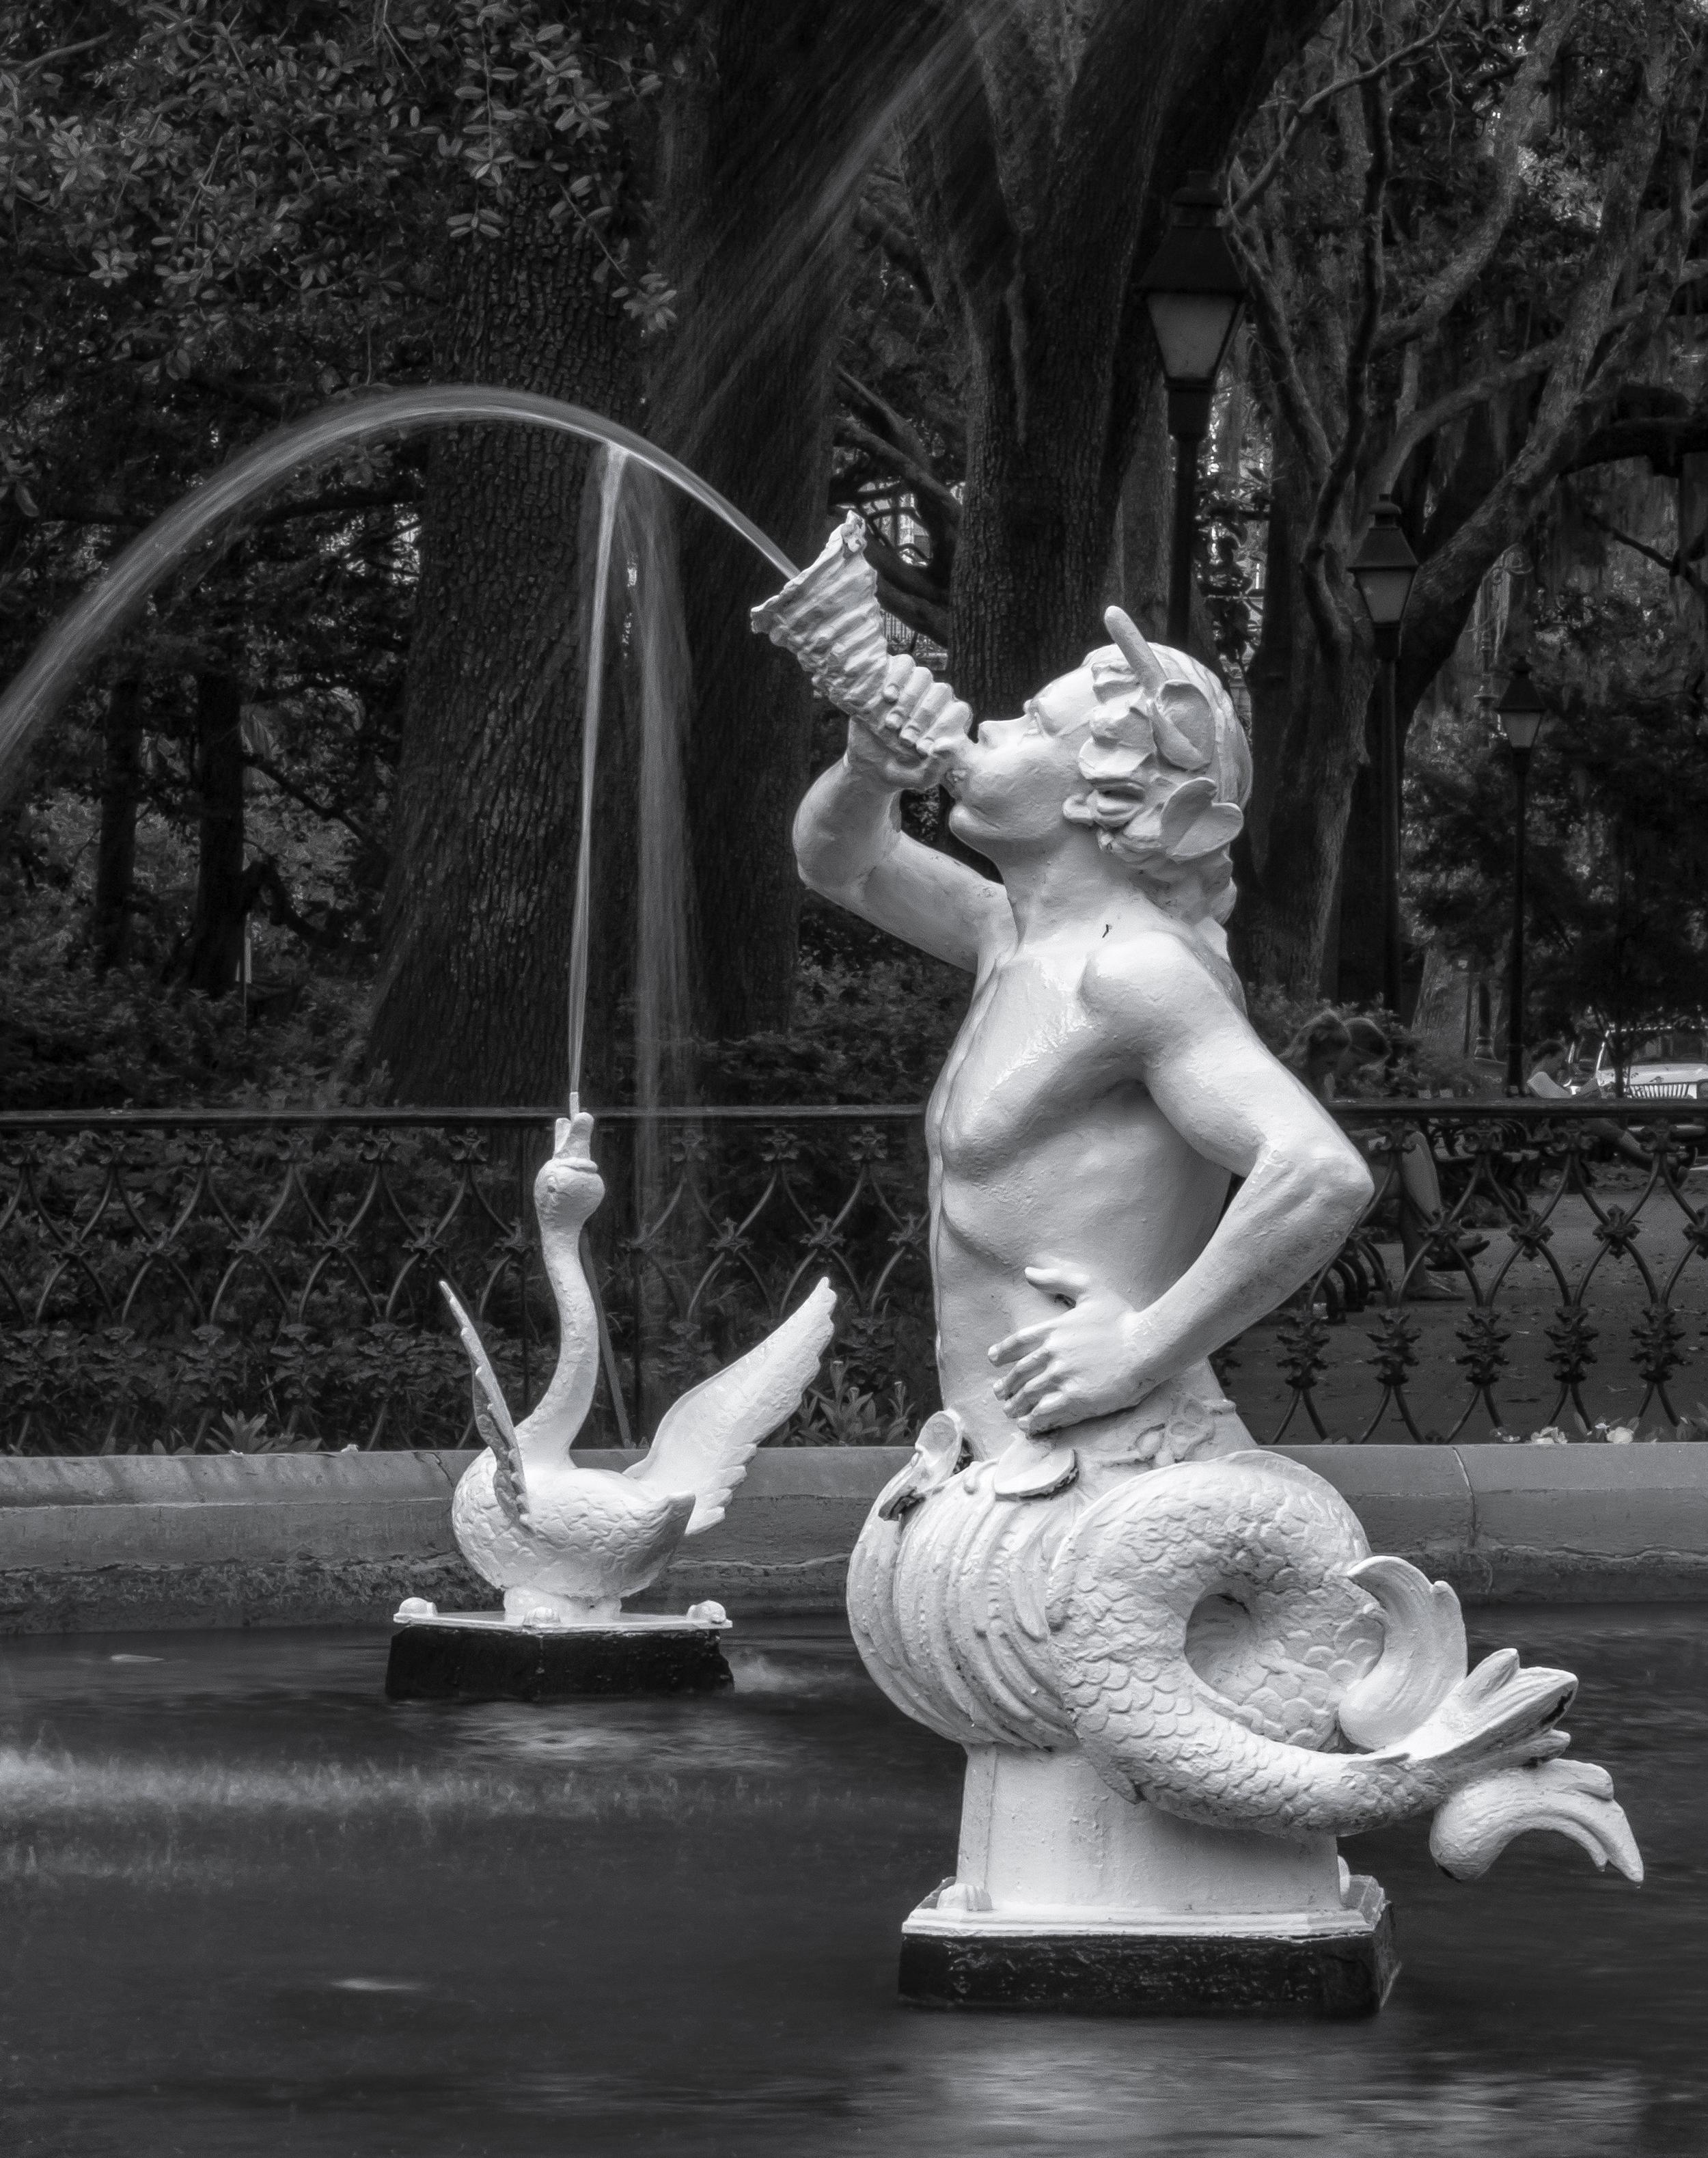 forsyth park fountain.jpg